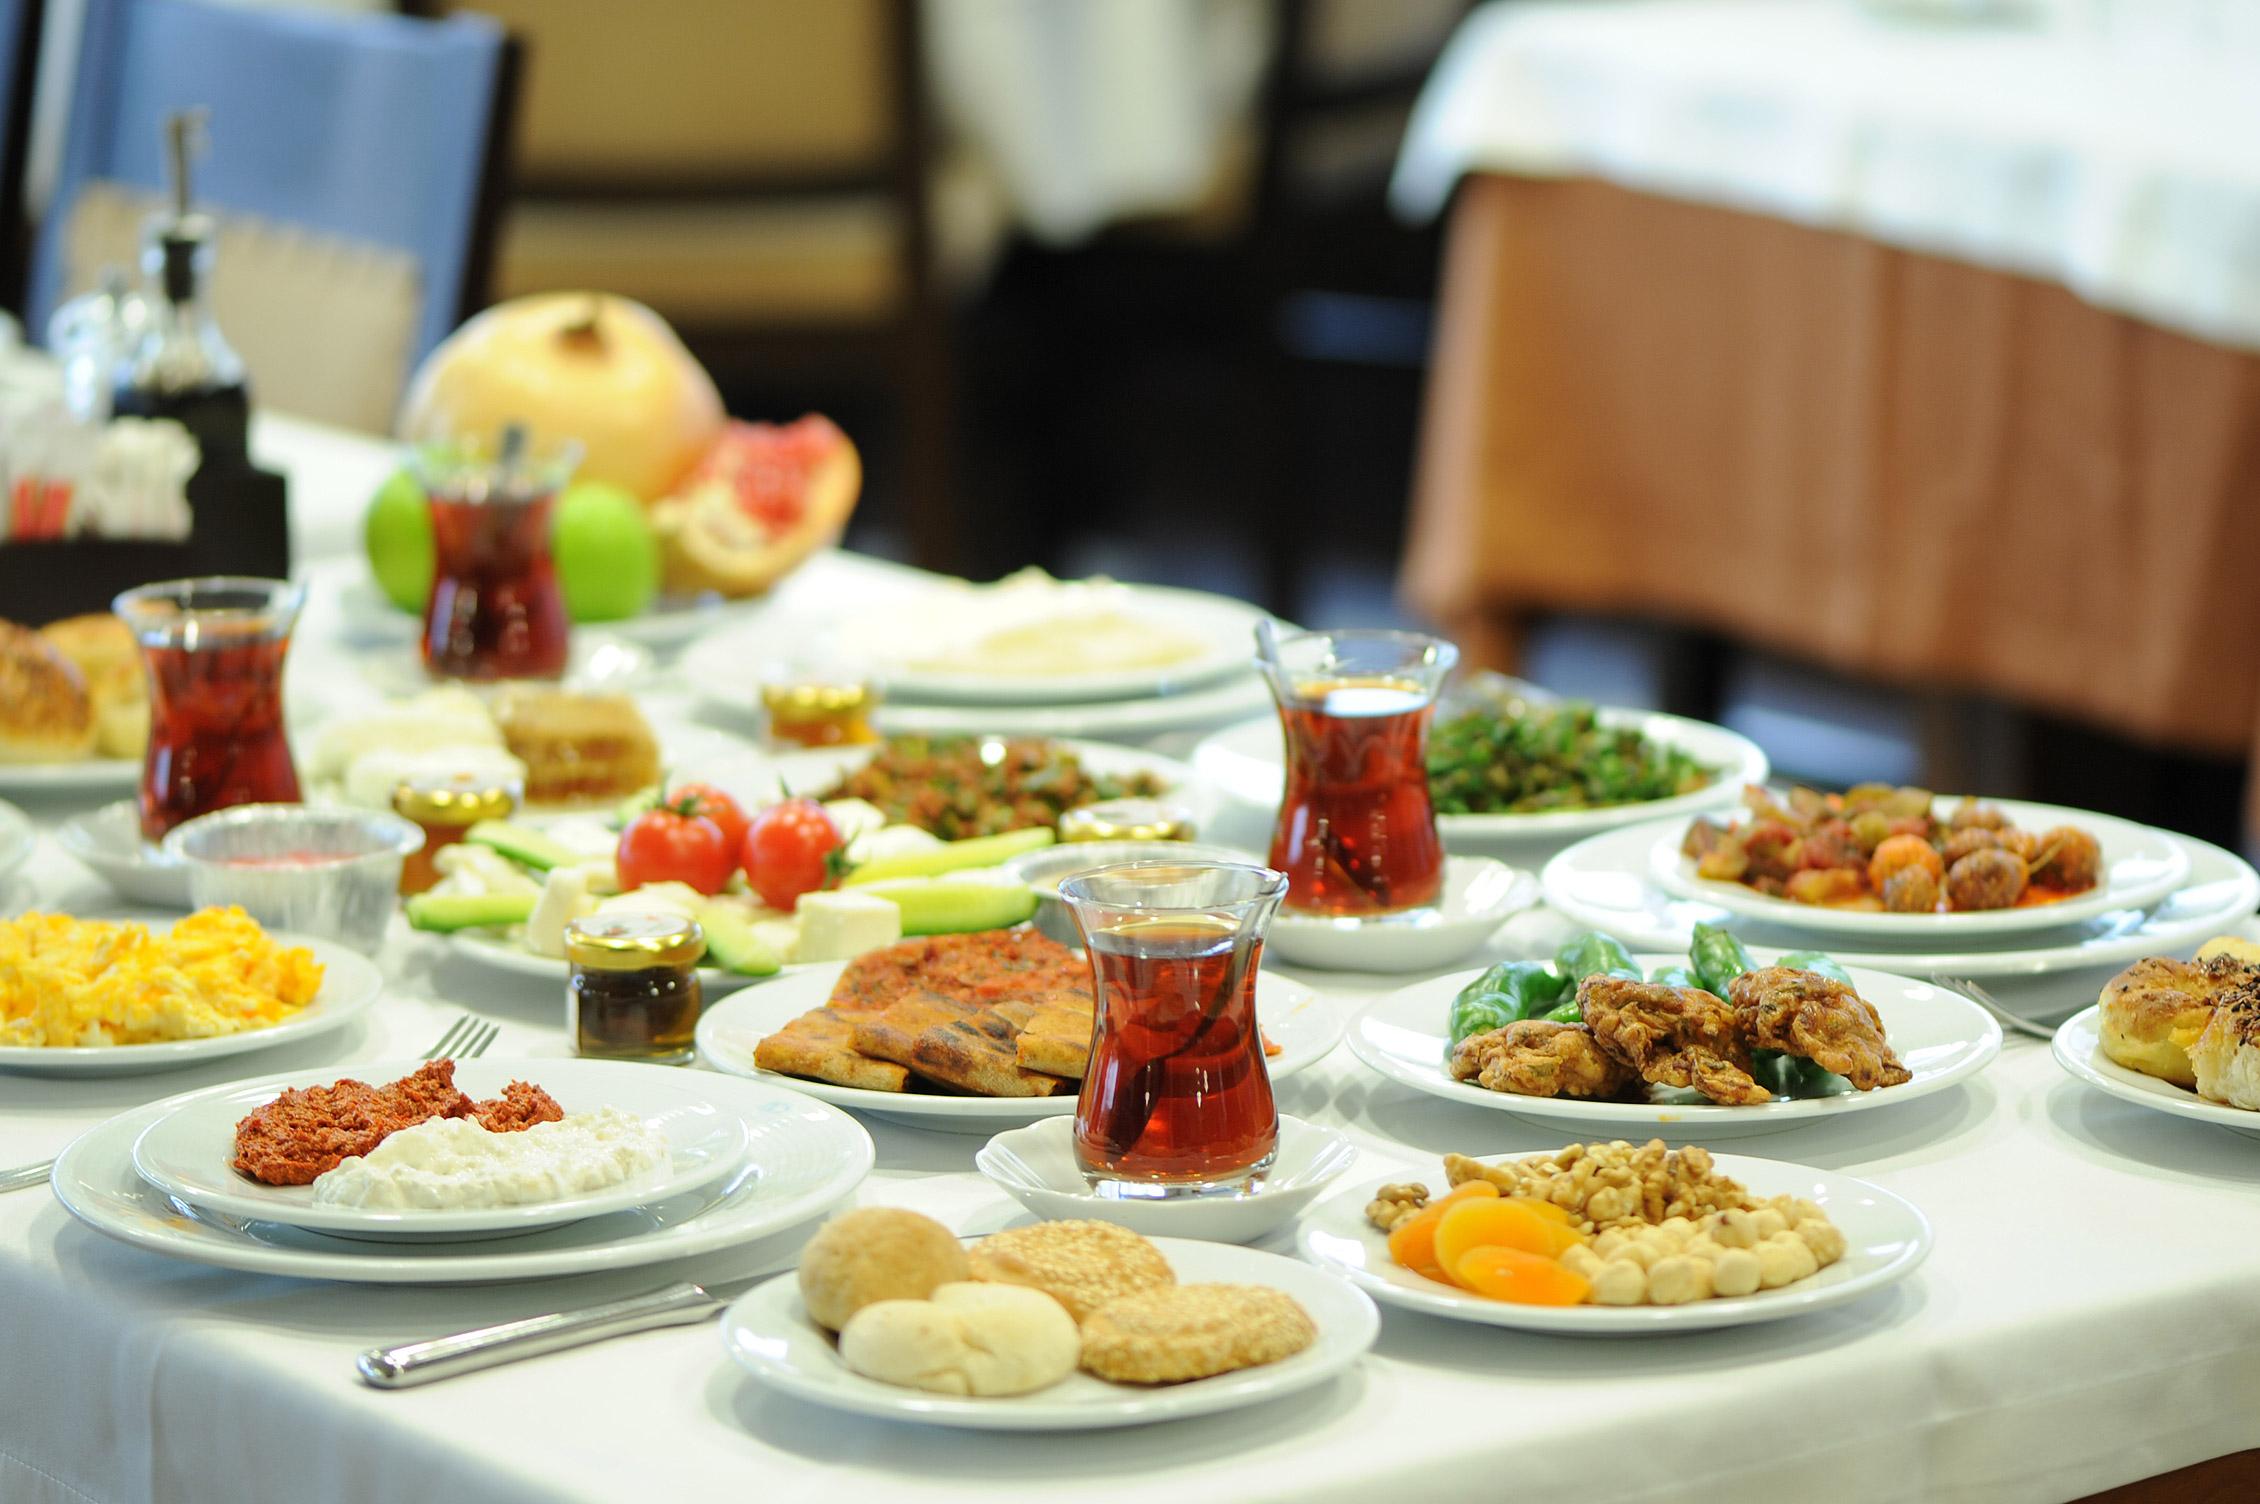 Ramazan menüleri ana yemek önerileri | Ramazan'a yakışacak en iyi 20 yemek önerisi ve tarifleri